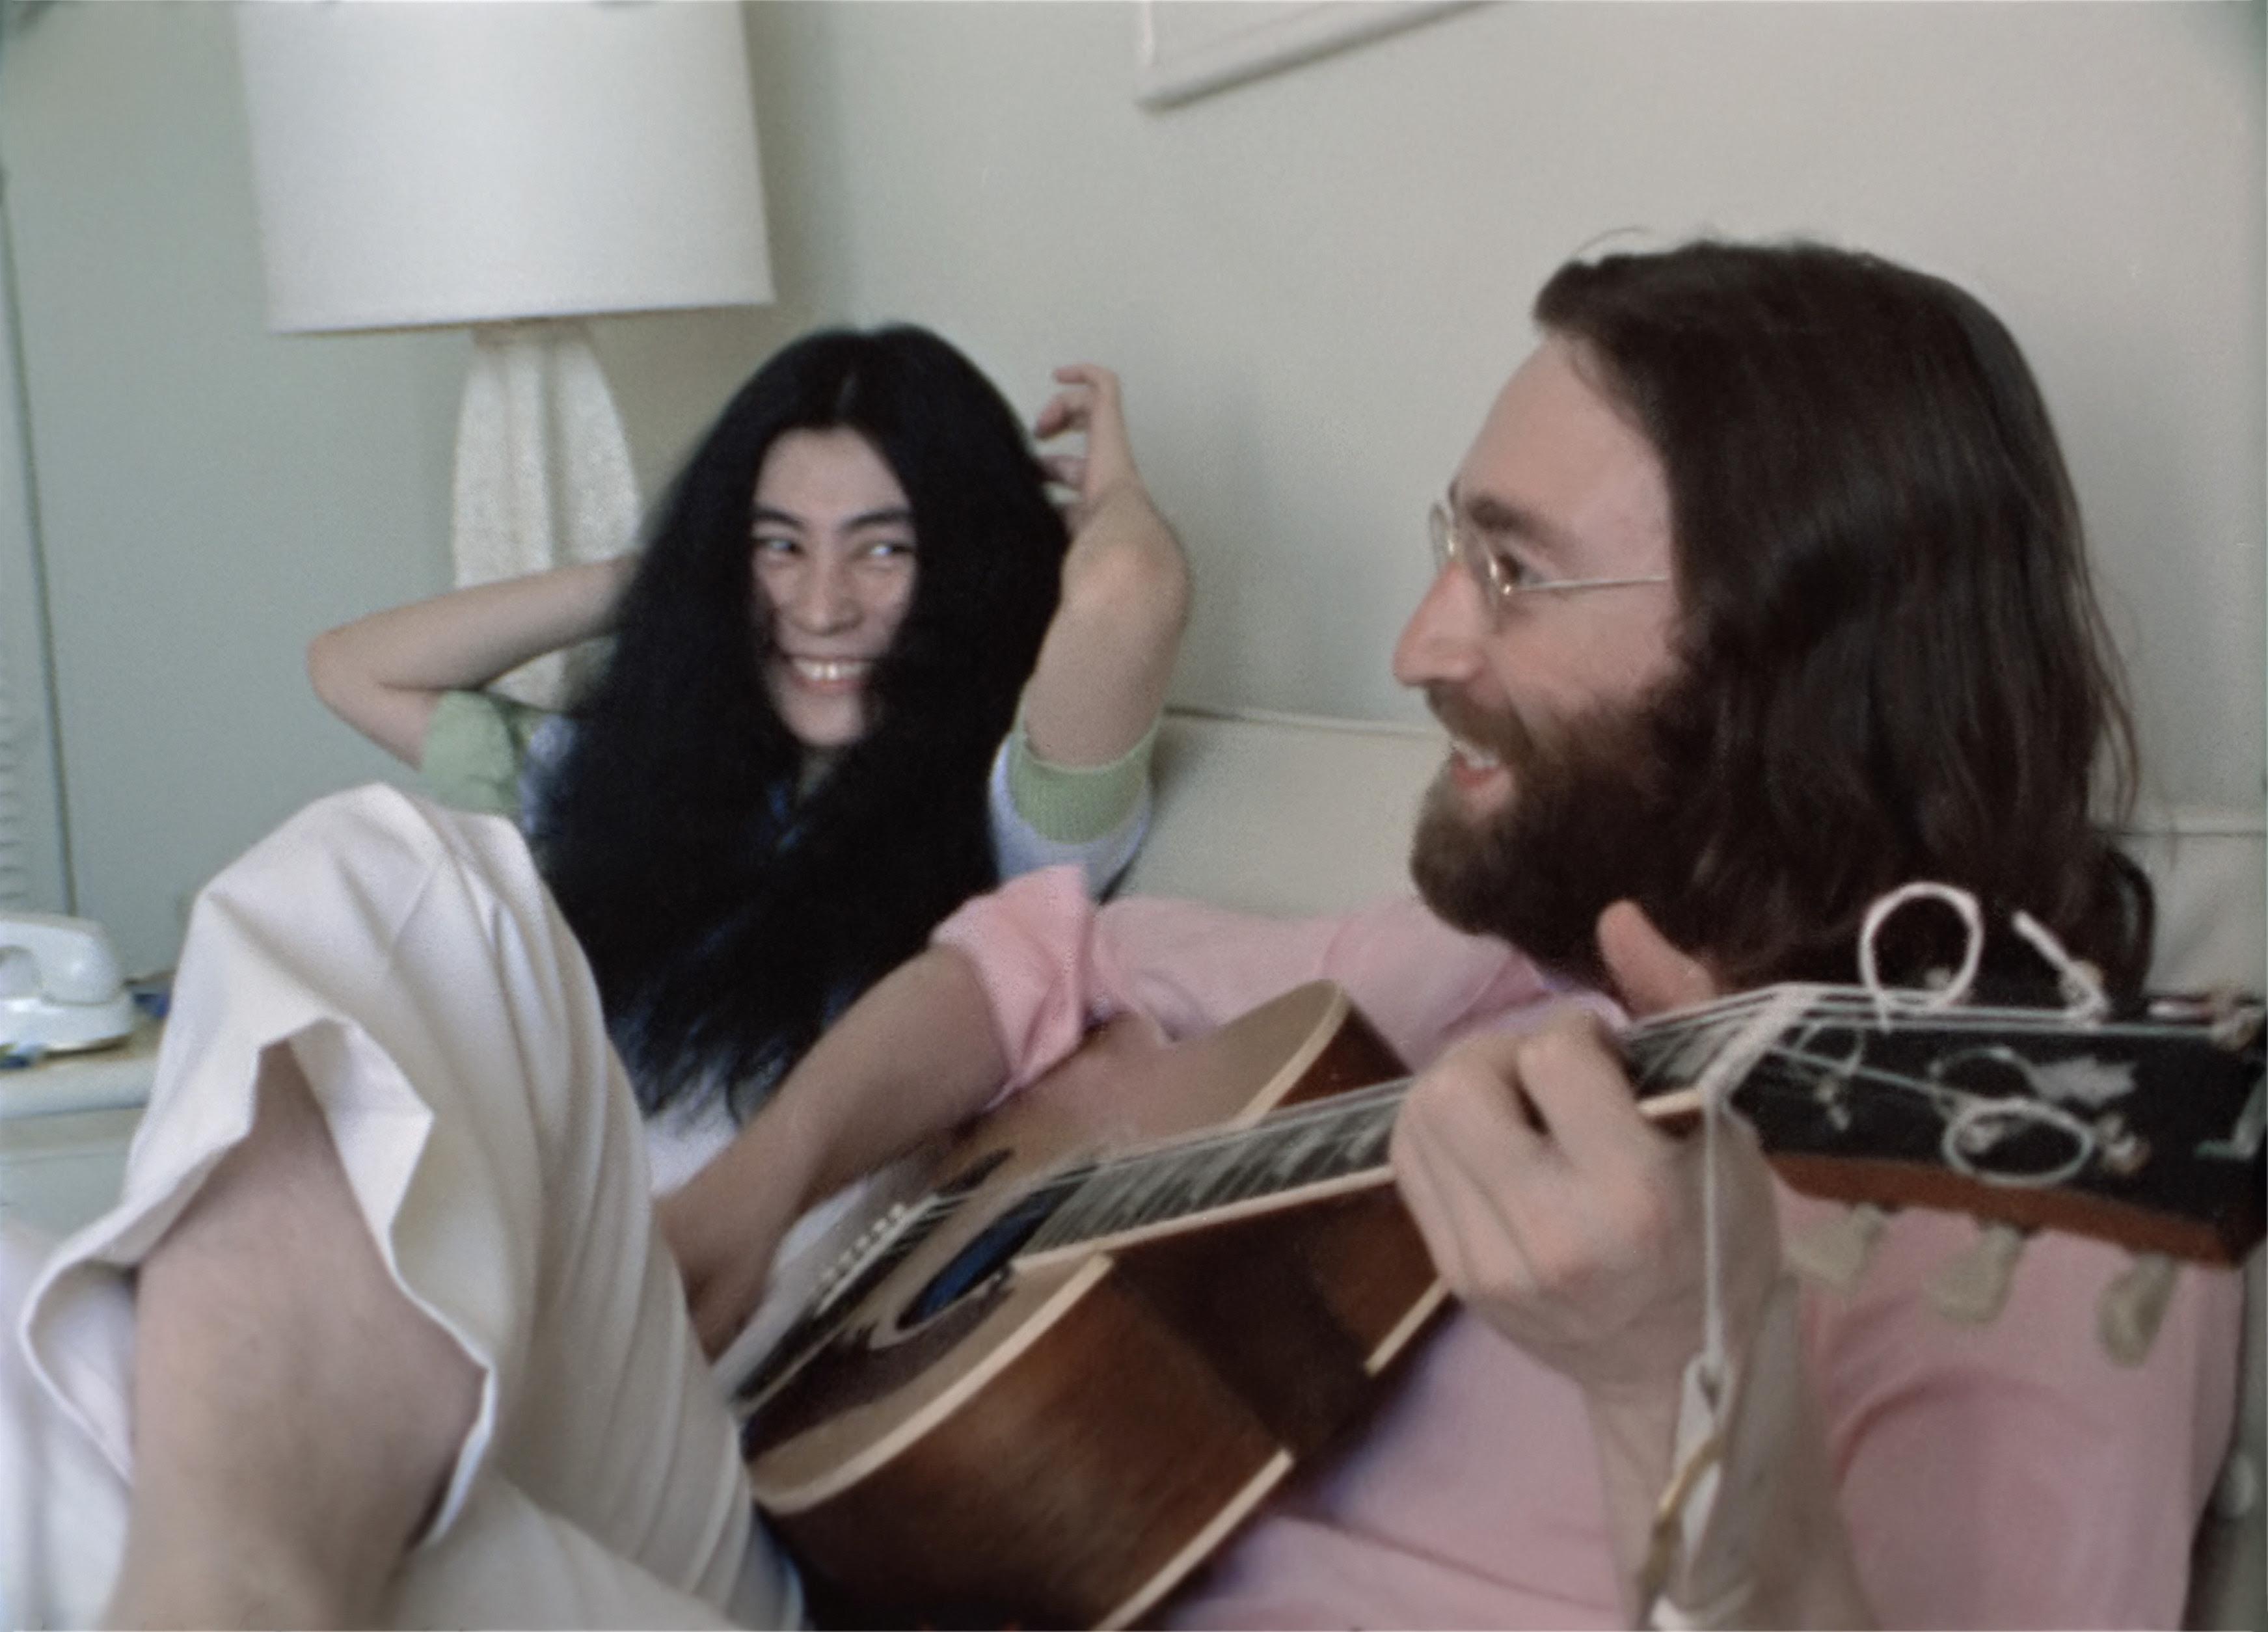 John Lennon, Yoko Ono Lennon